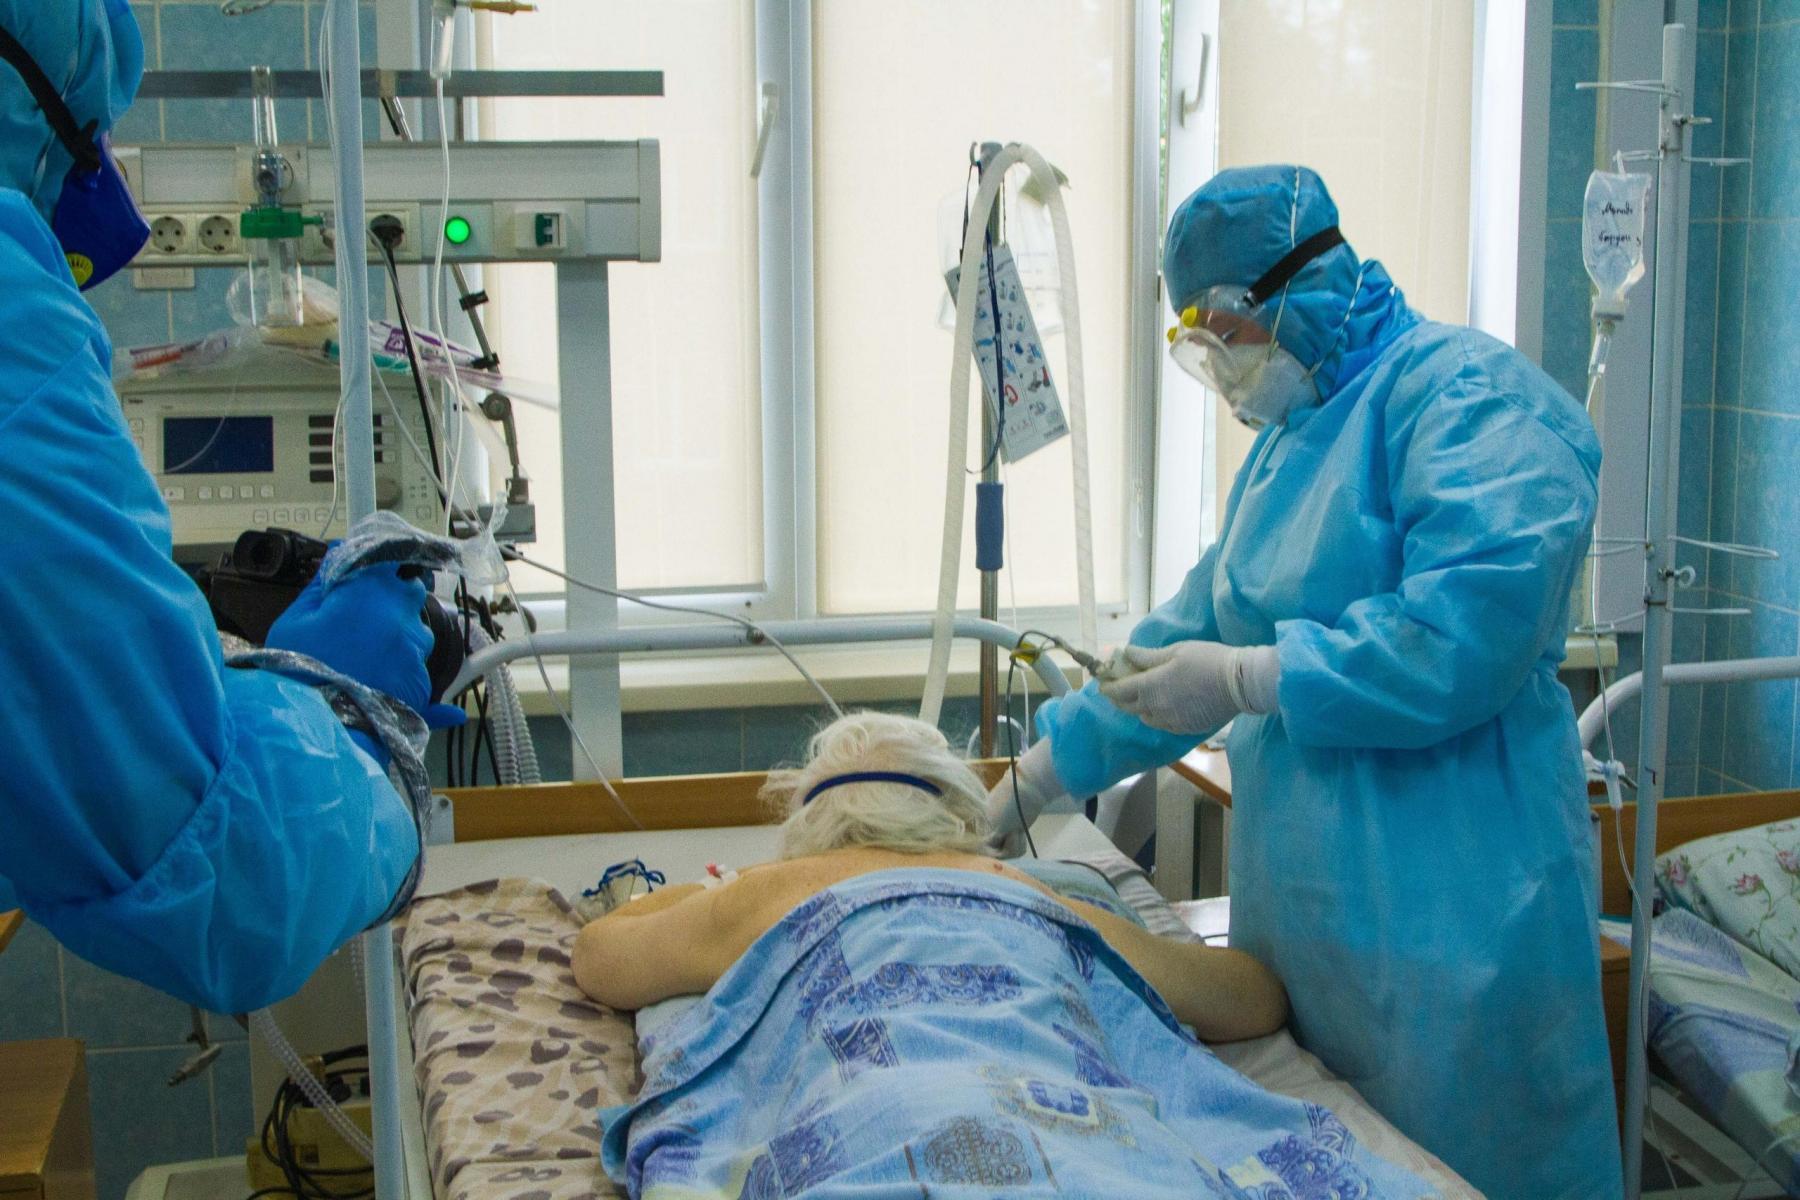 фото Обязательная вакцинация от COVID-19 в Новосибирске, результаты ЕГЭ по русскому и золото на первенстве Европы по женской борьбе: главные новости 18 июня – в одном материале 3